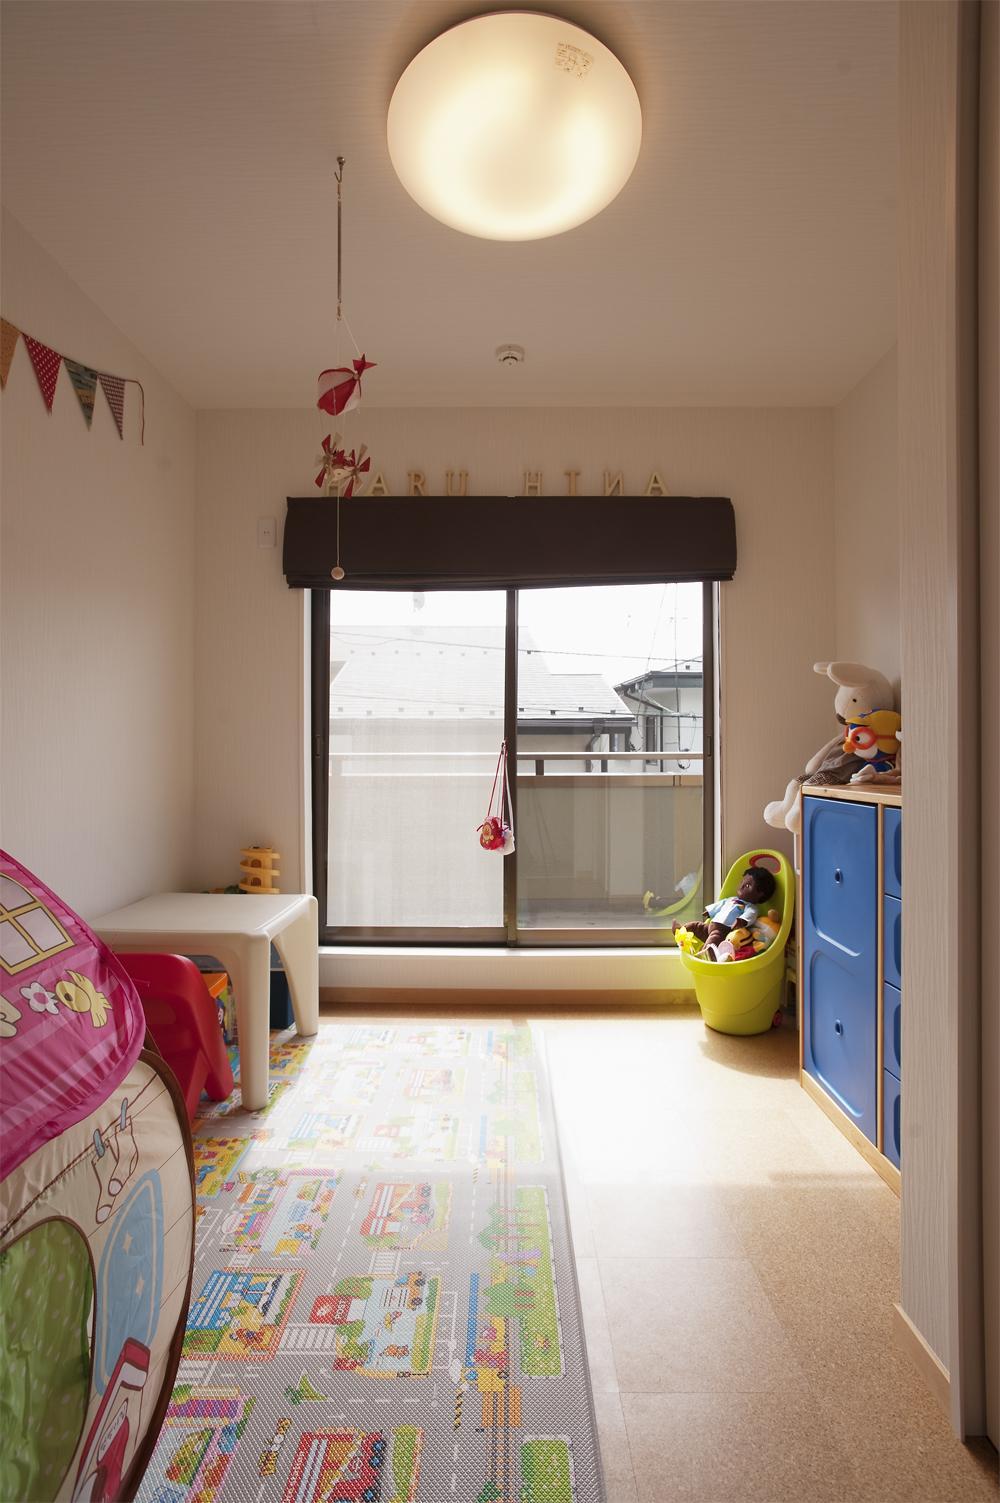 K邸・みんなでお家に帰ろう!の写真 コルクタイル床の子供部屋